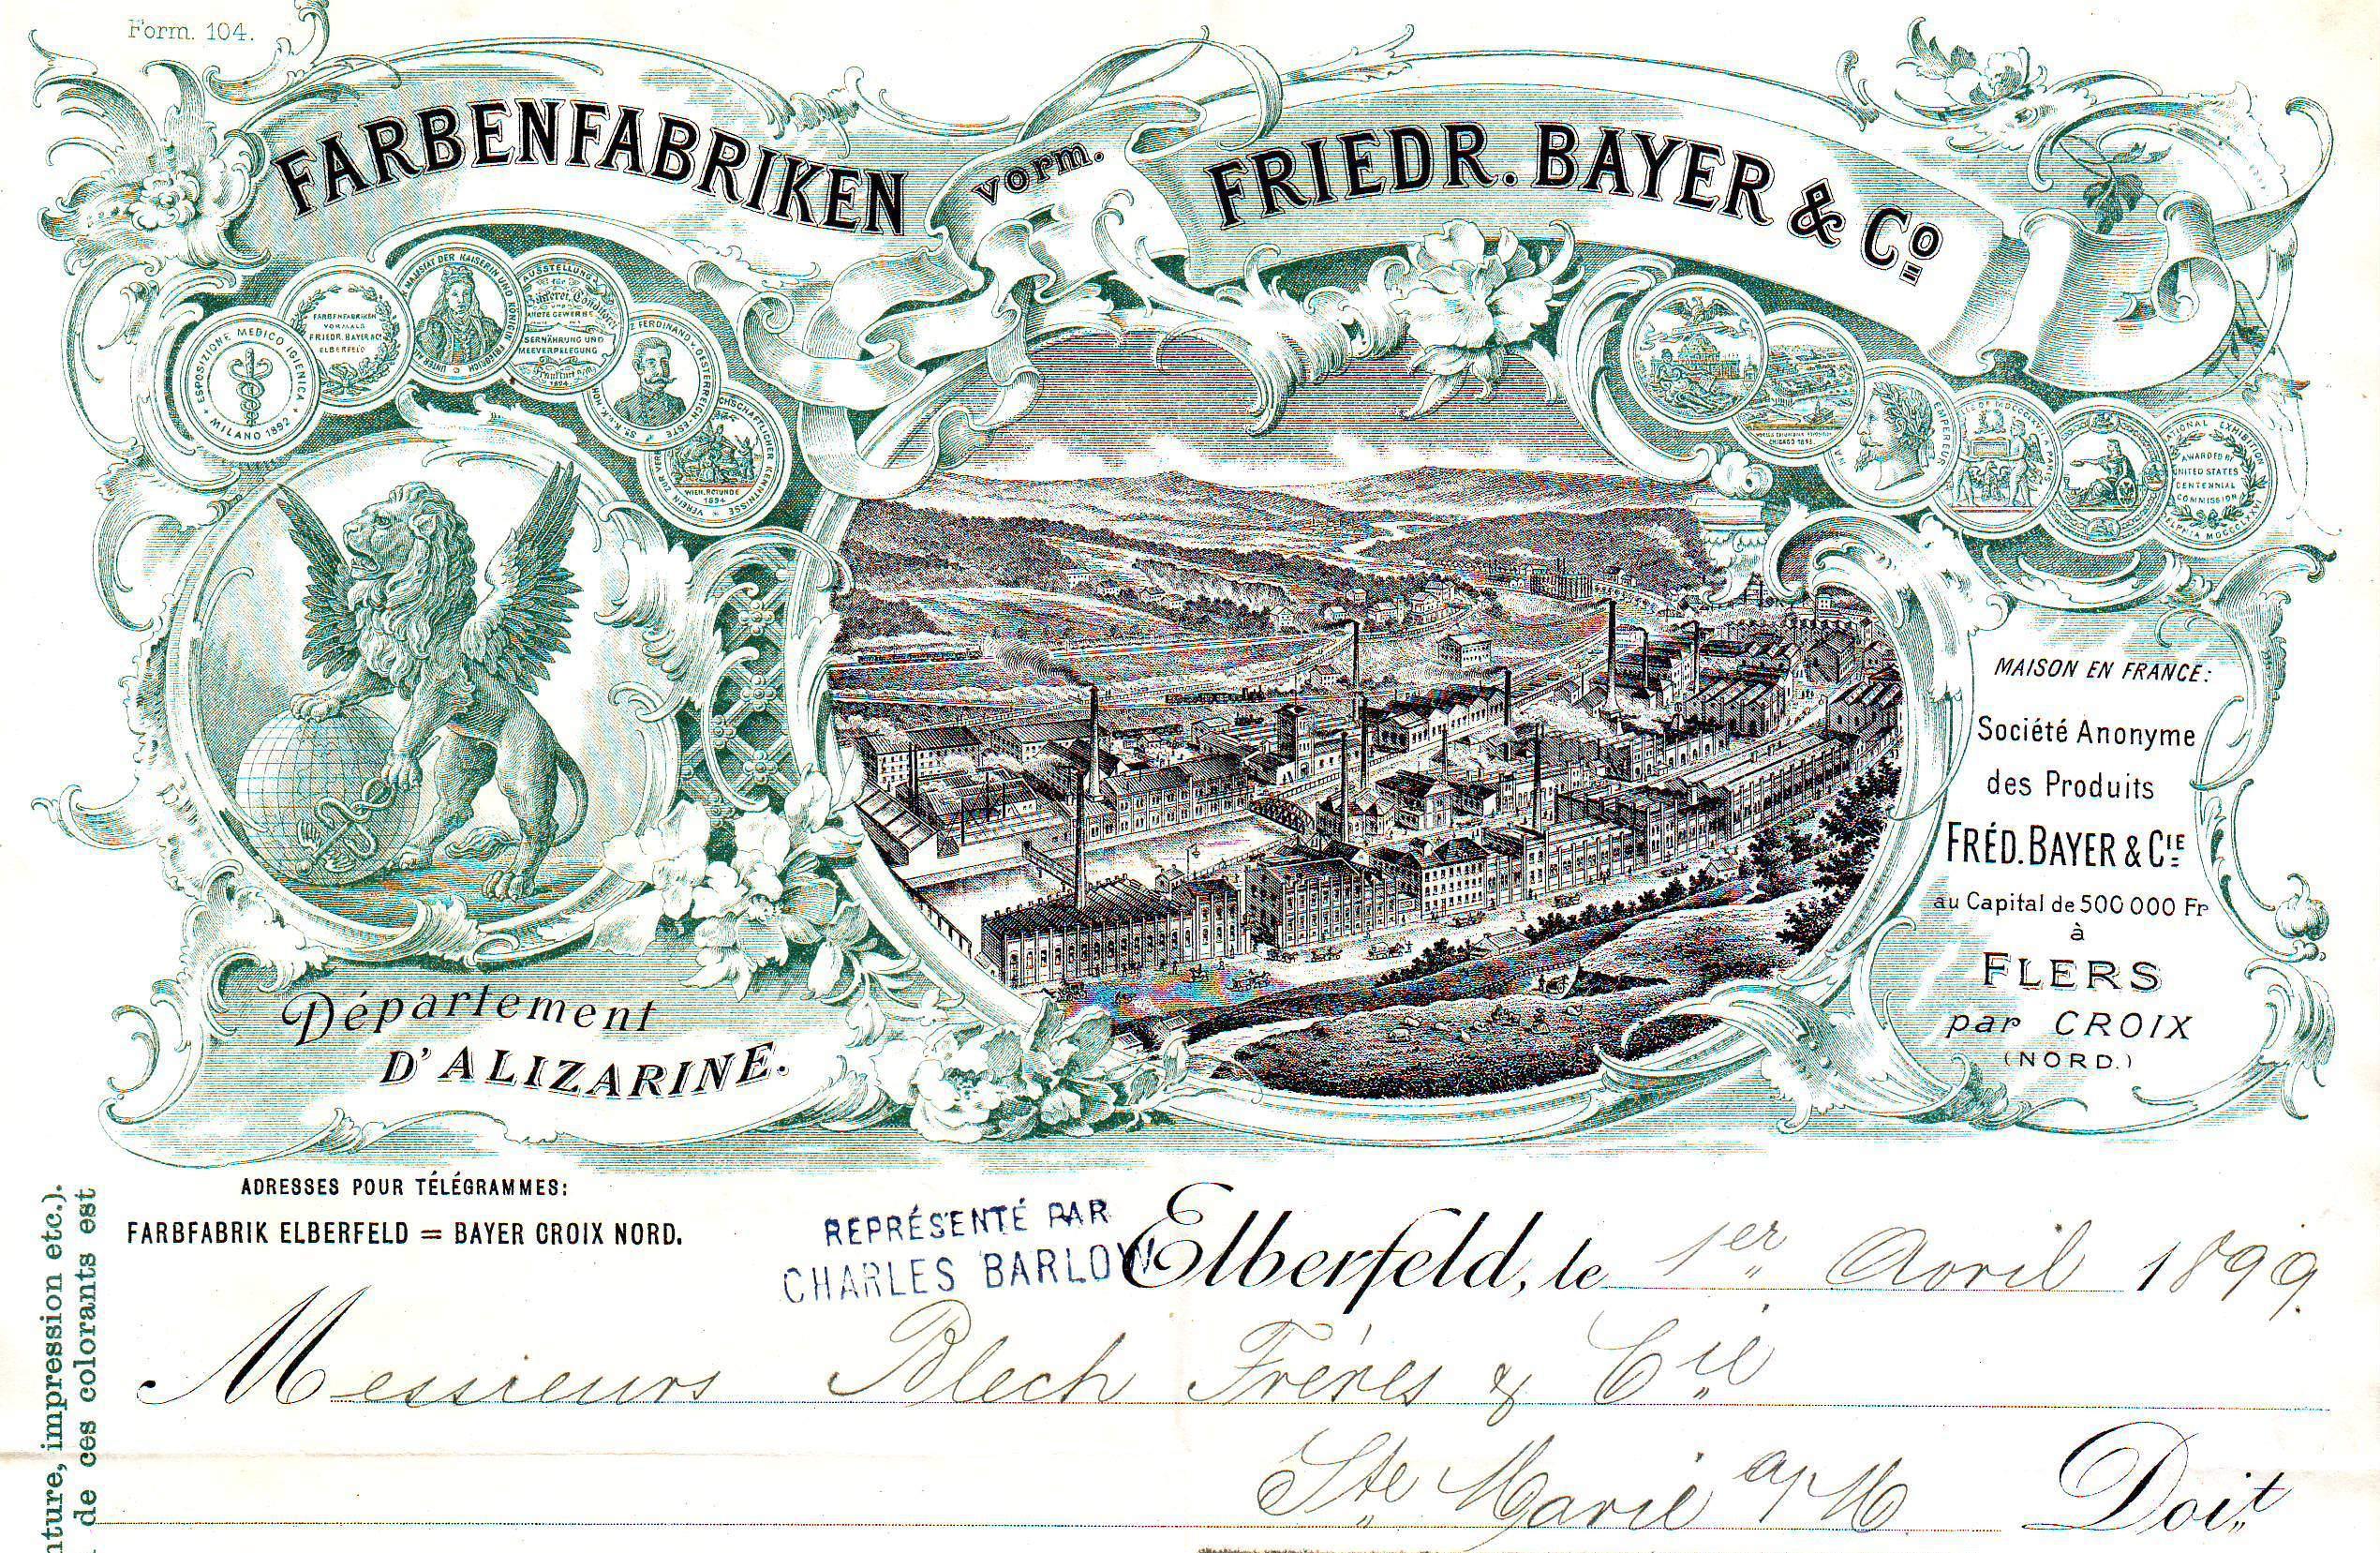 Inšpiratívny príbeh spoločnosti Farbenfabriken vormals Friedrich Bayer (1. časť)